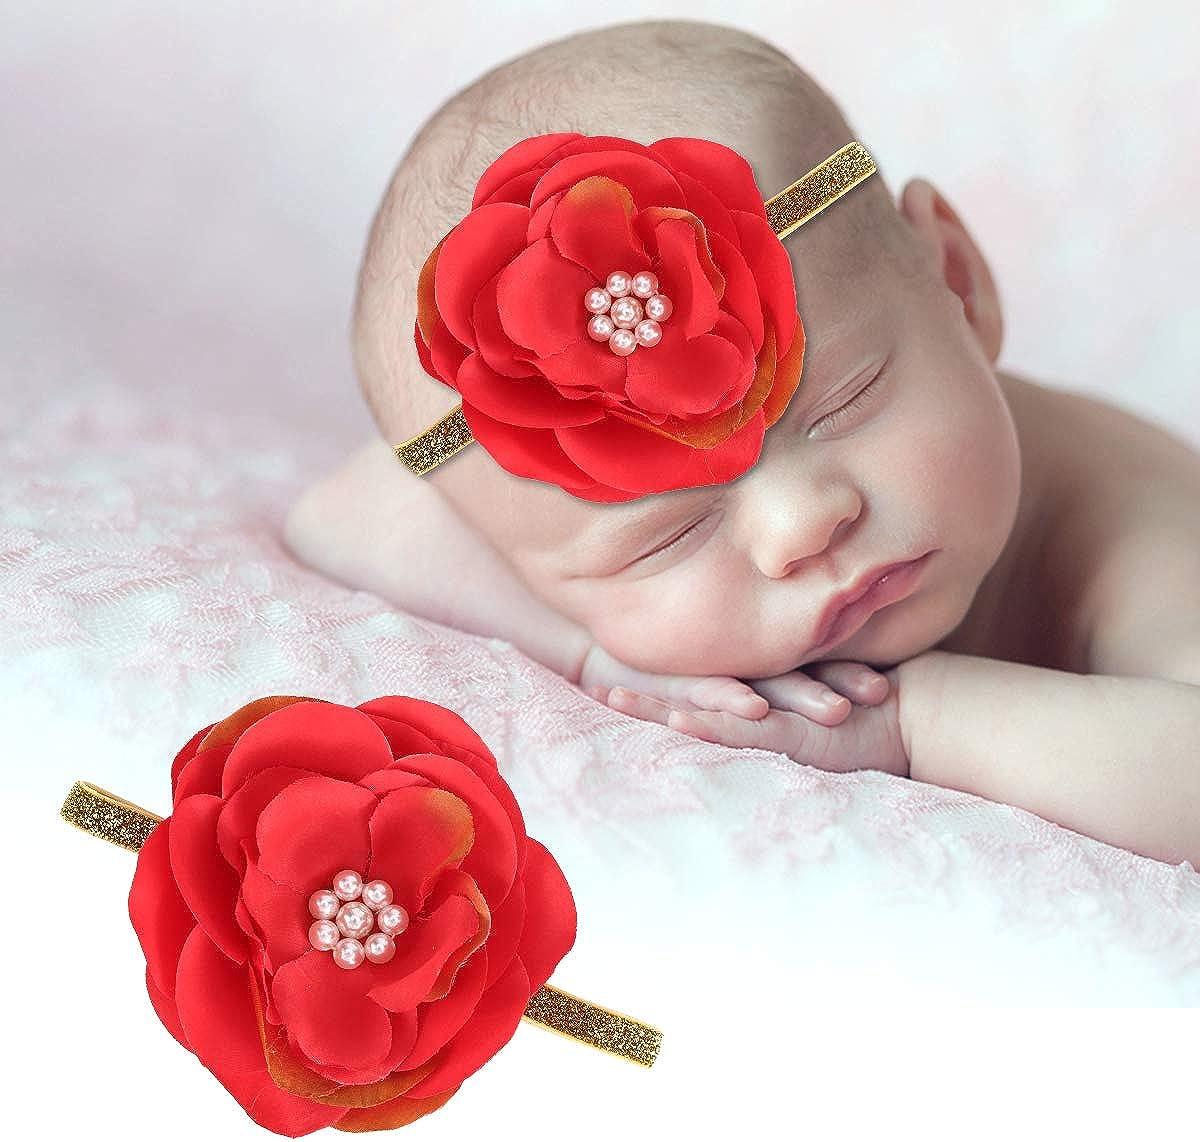 Yuehuam Accesorios de Fotograf/ía para Reci/én Nacidos Disfraz Beb/é Ni/ñas Falda Tut/ú Arcoiris Y Diadema Floral Trajes Princesa Vestido Colorido para Beb/és Ni/ñas Ni/ños 3-4 Meses